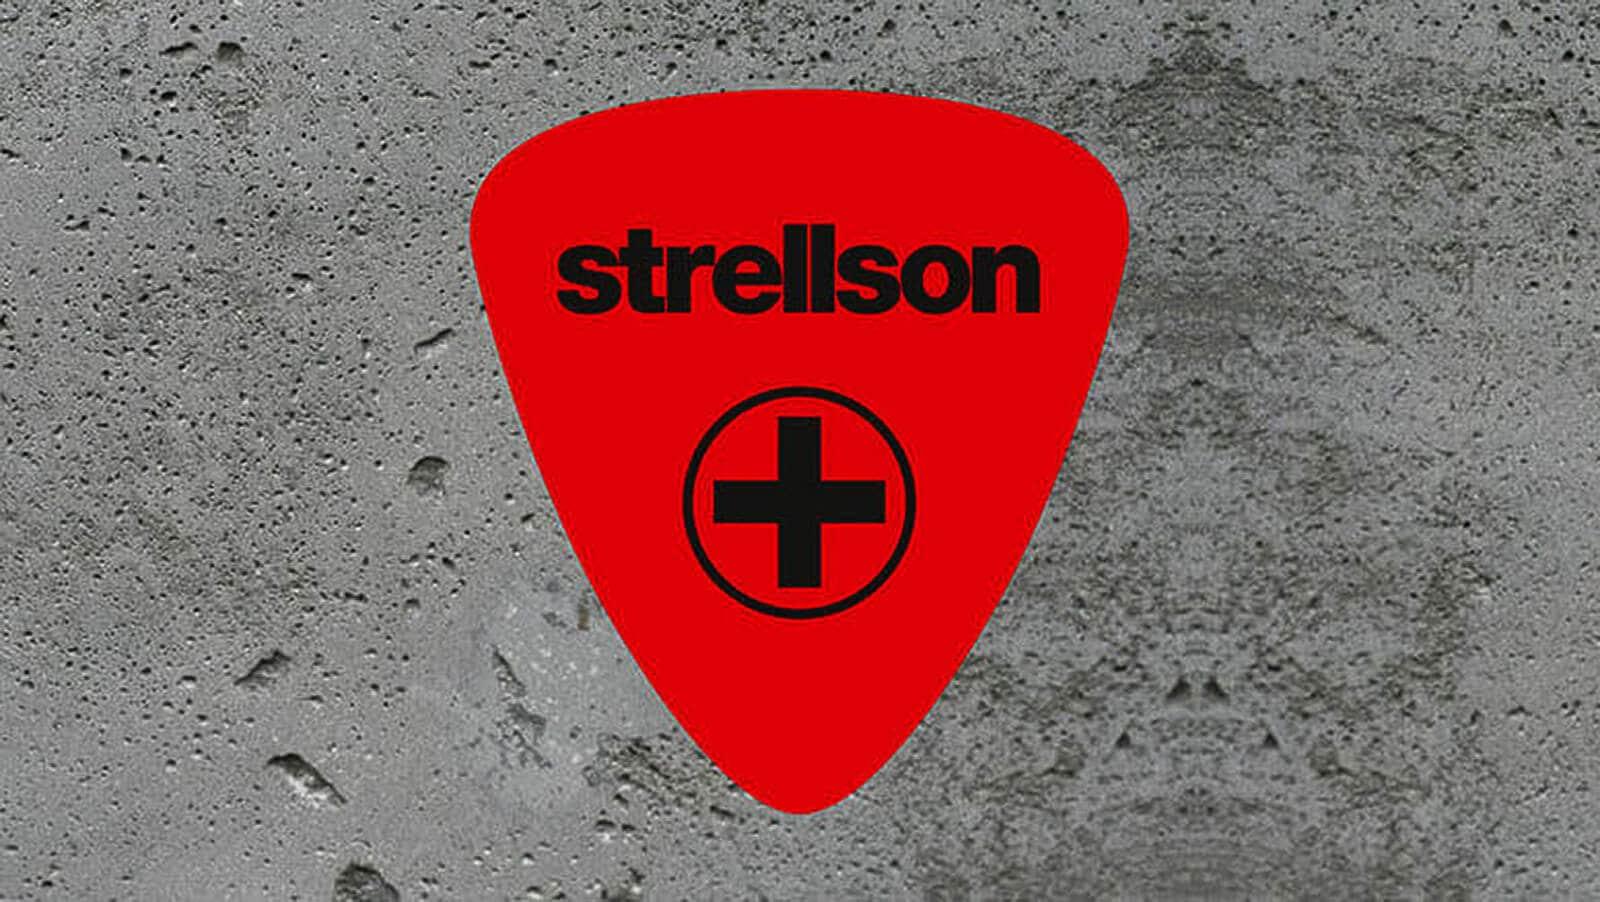 Strellson - unkonventionell - selbstbewusst - stilsicher